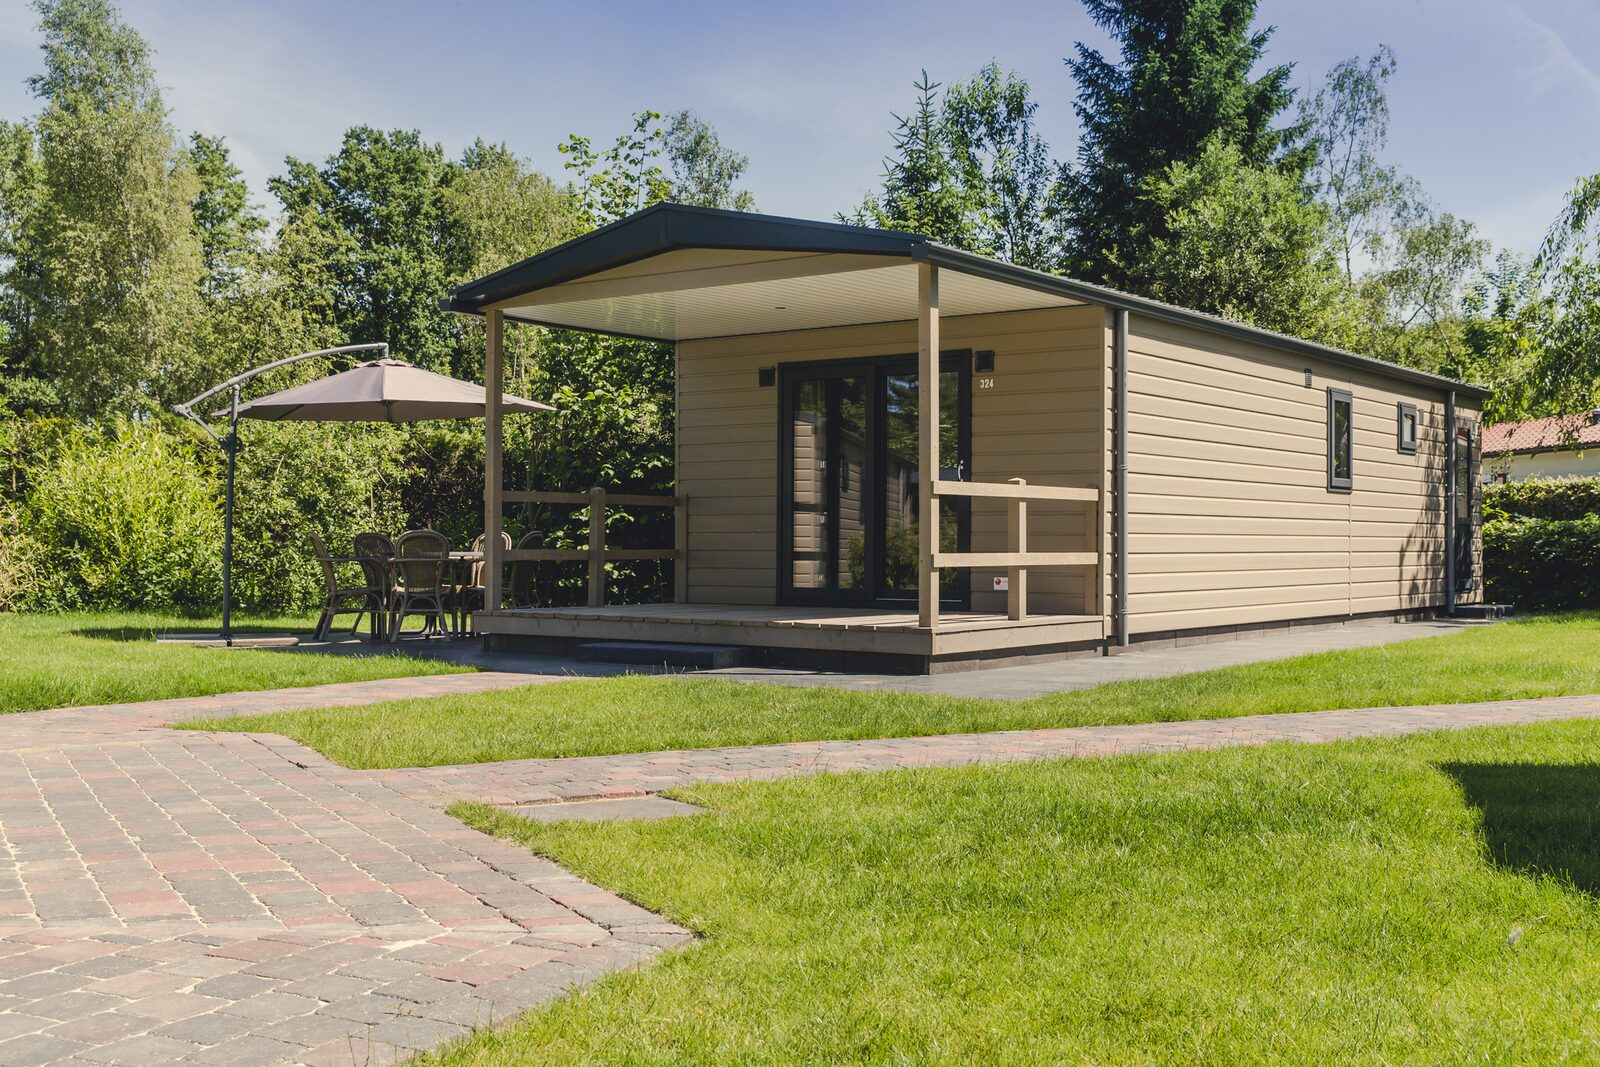 Groepsaccommodatie [6x bungalette 5p met veranda]